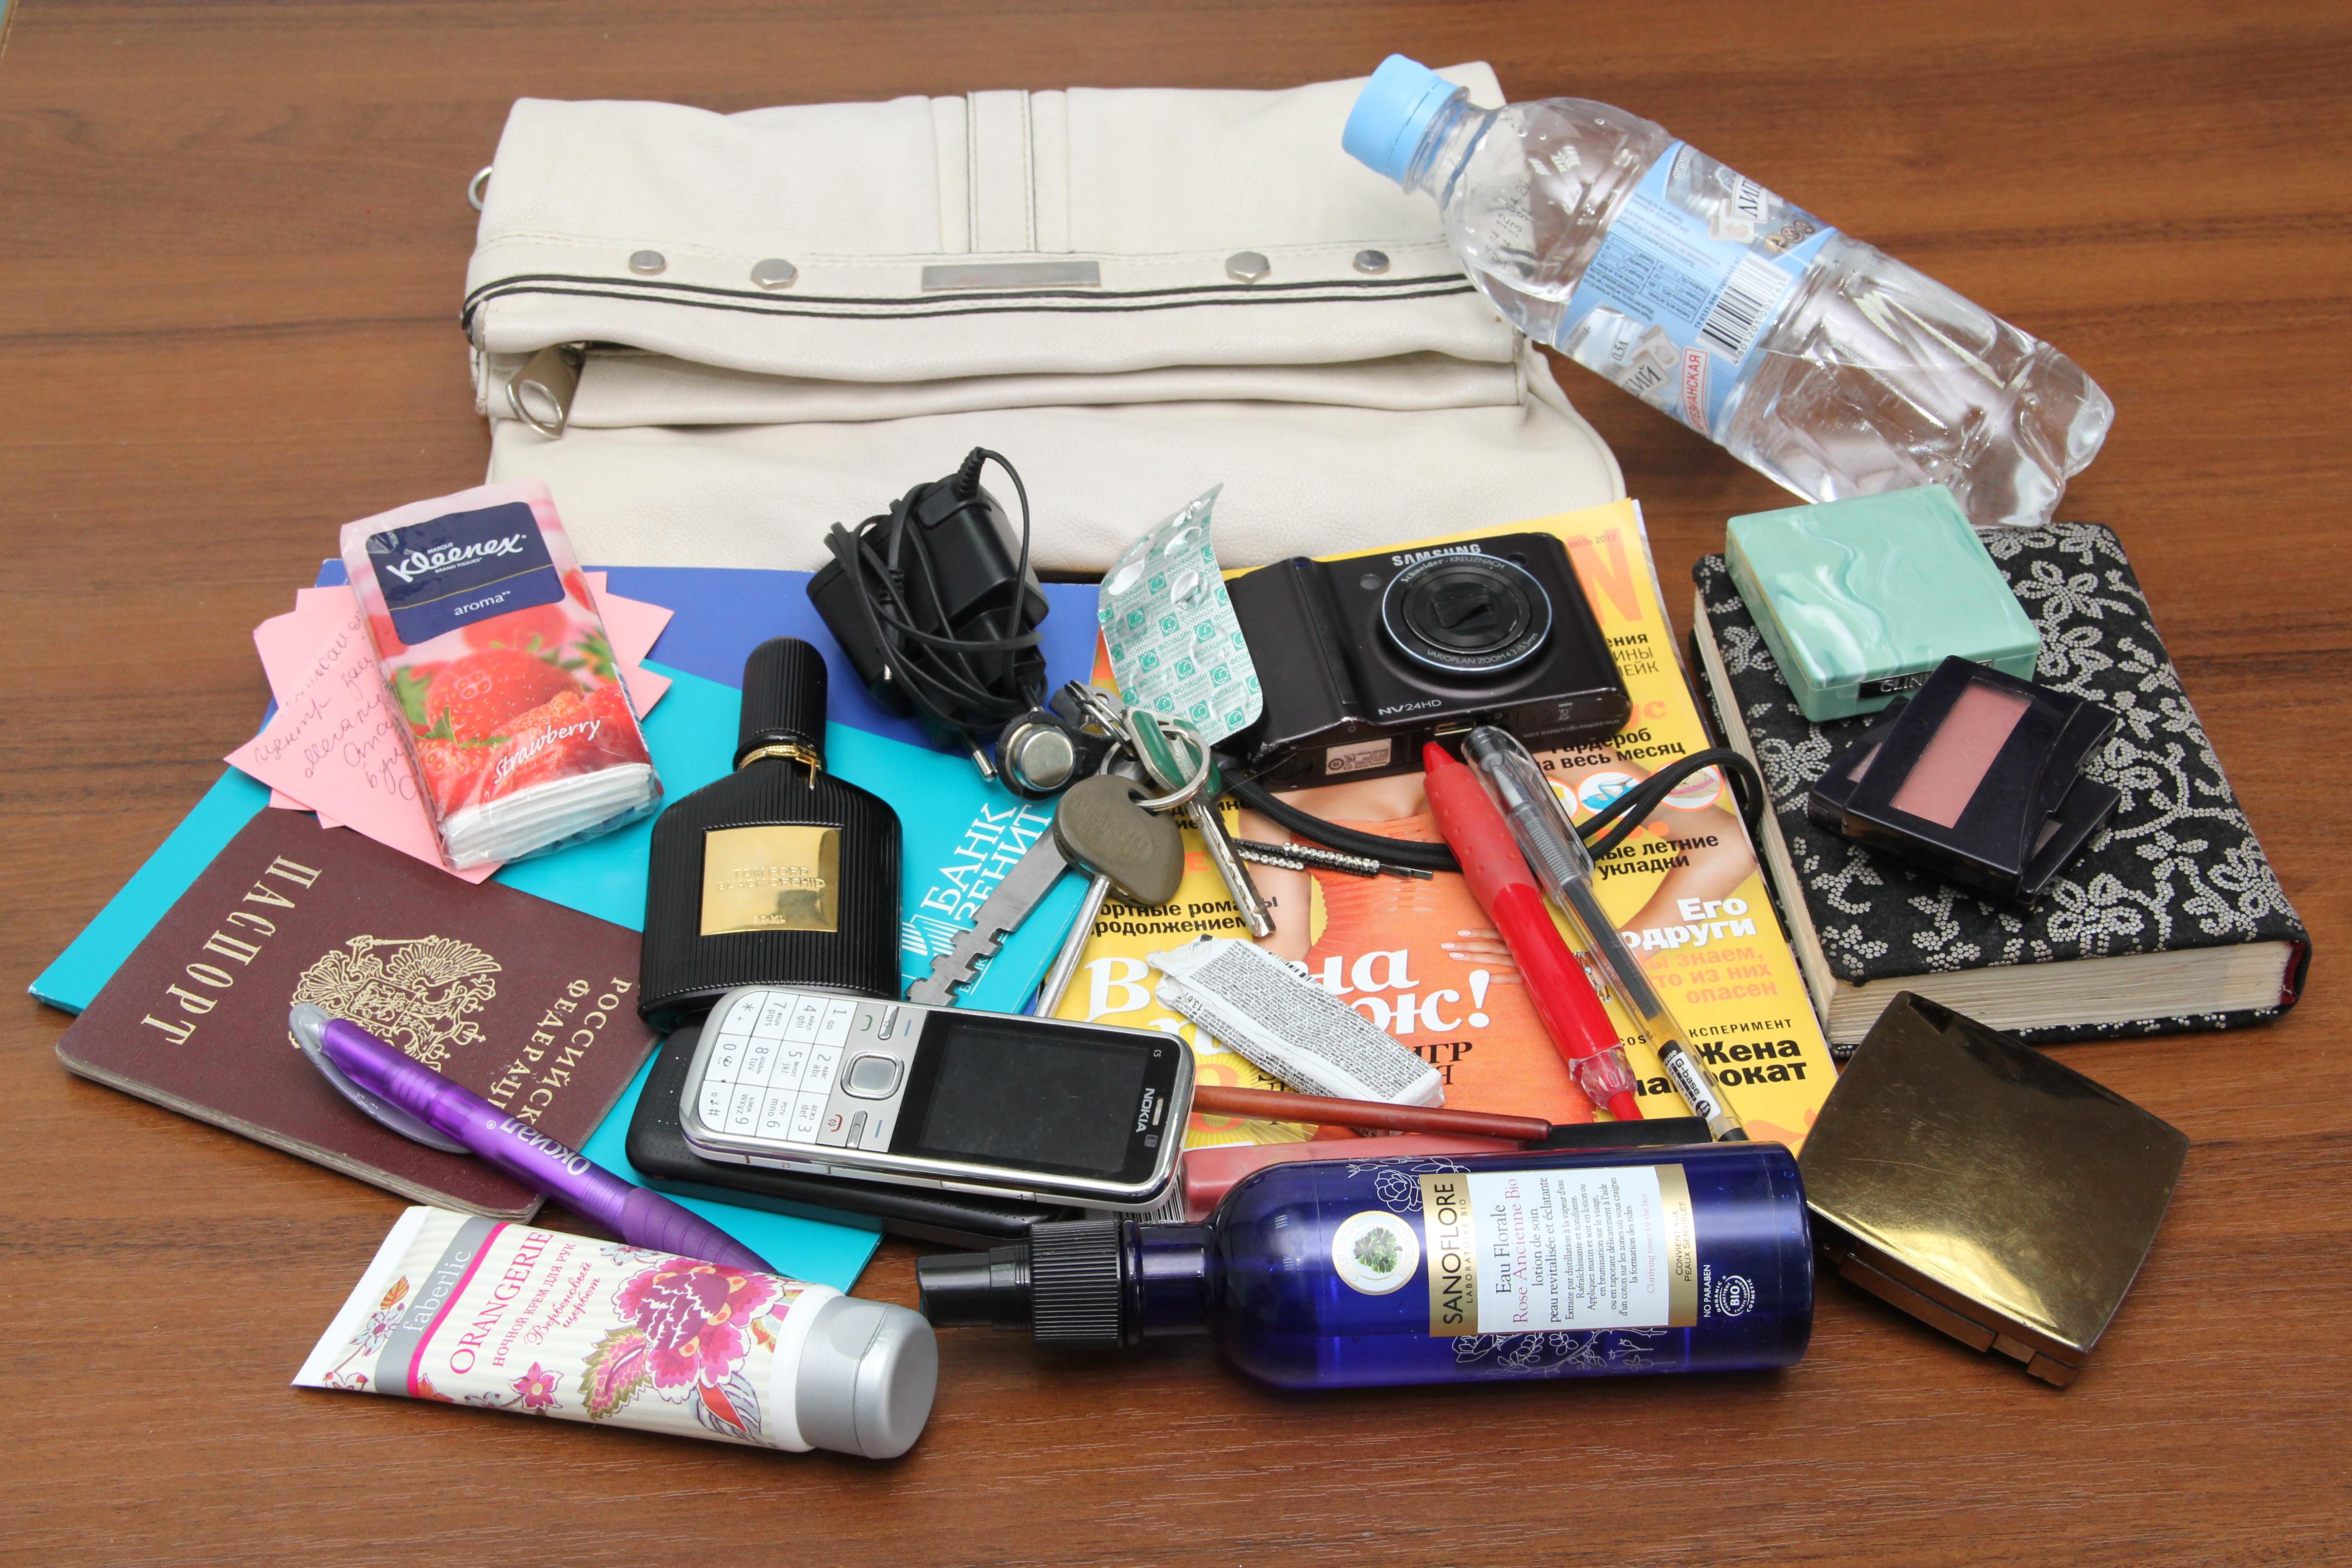 женская сумка содержимое (1)